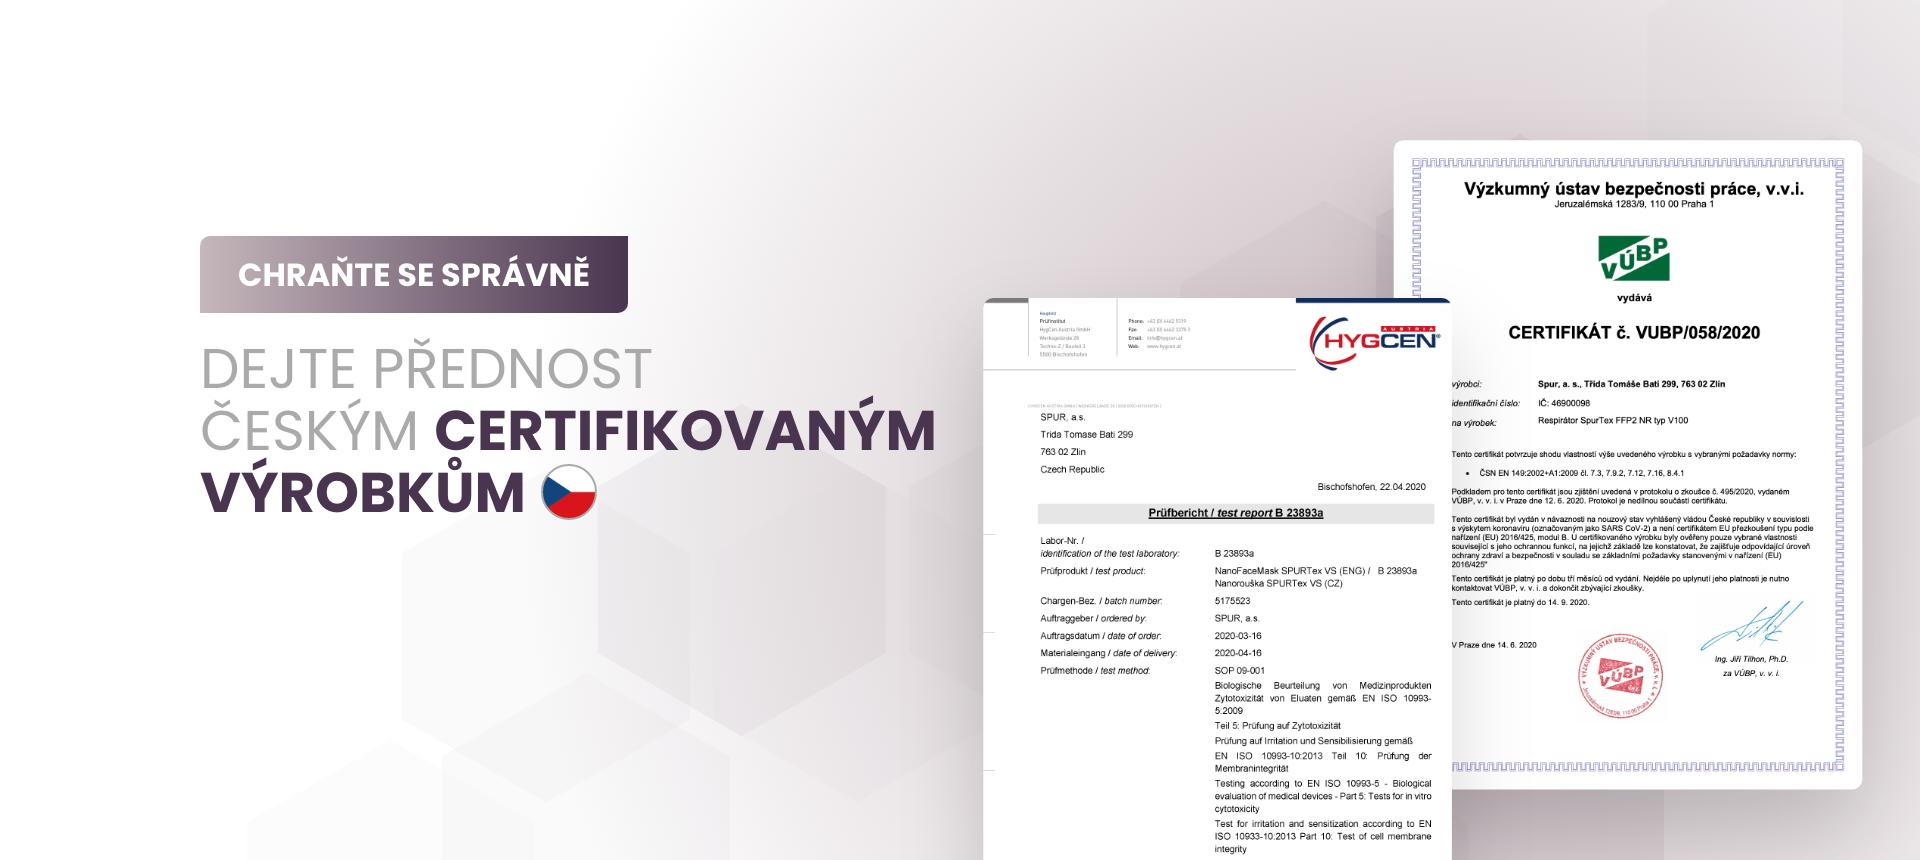 Dejte přednost českým certifikovaným výrobkům